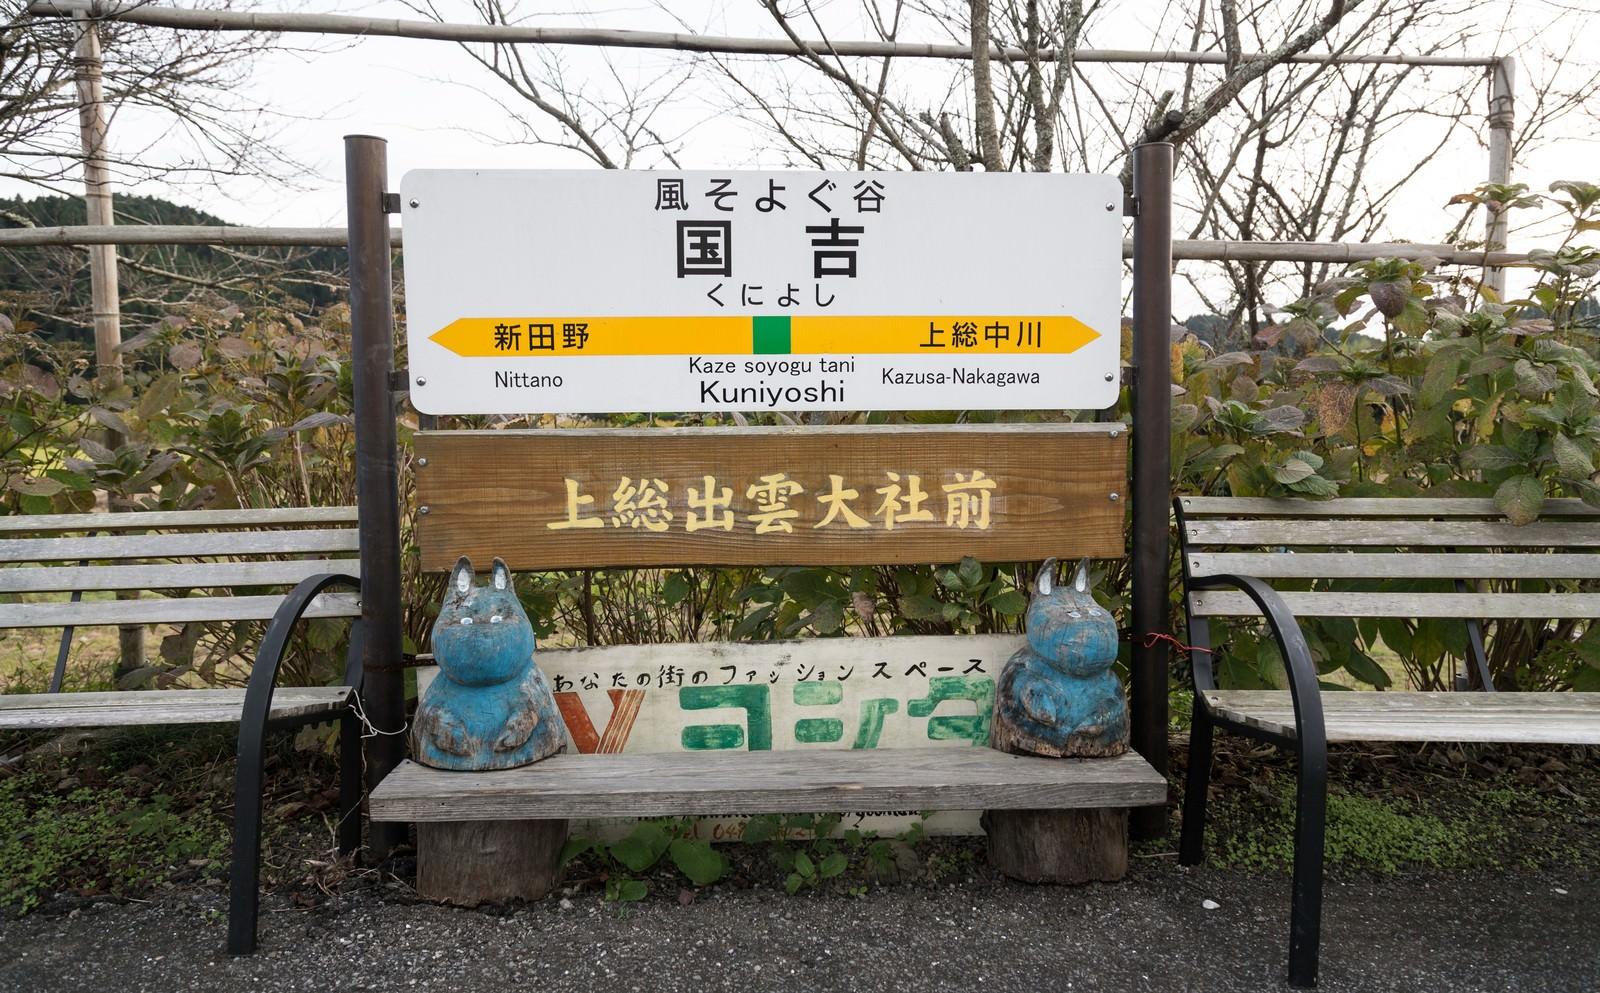 「風そよぐ駅「国吉駅」の駅名標風そよぐ駅「国吉駅」の駅名標」のフリー写真素材を拡大